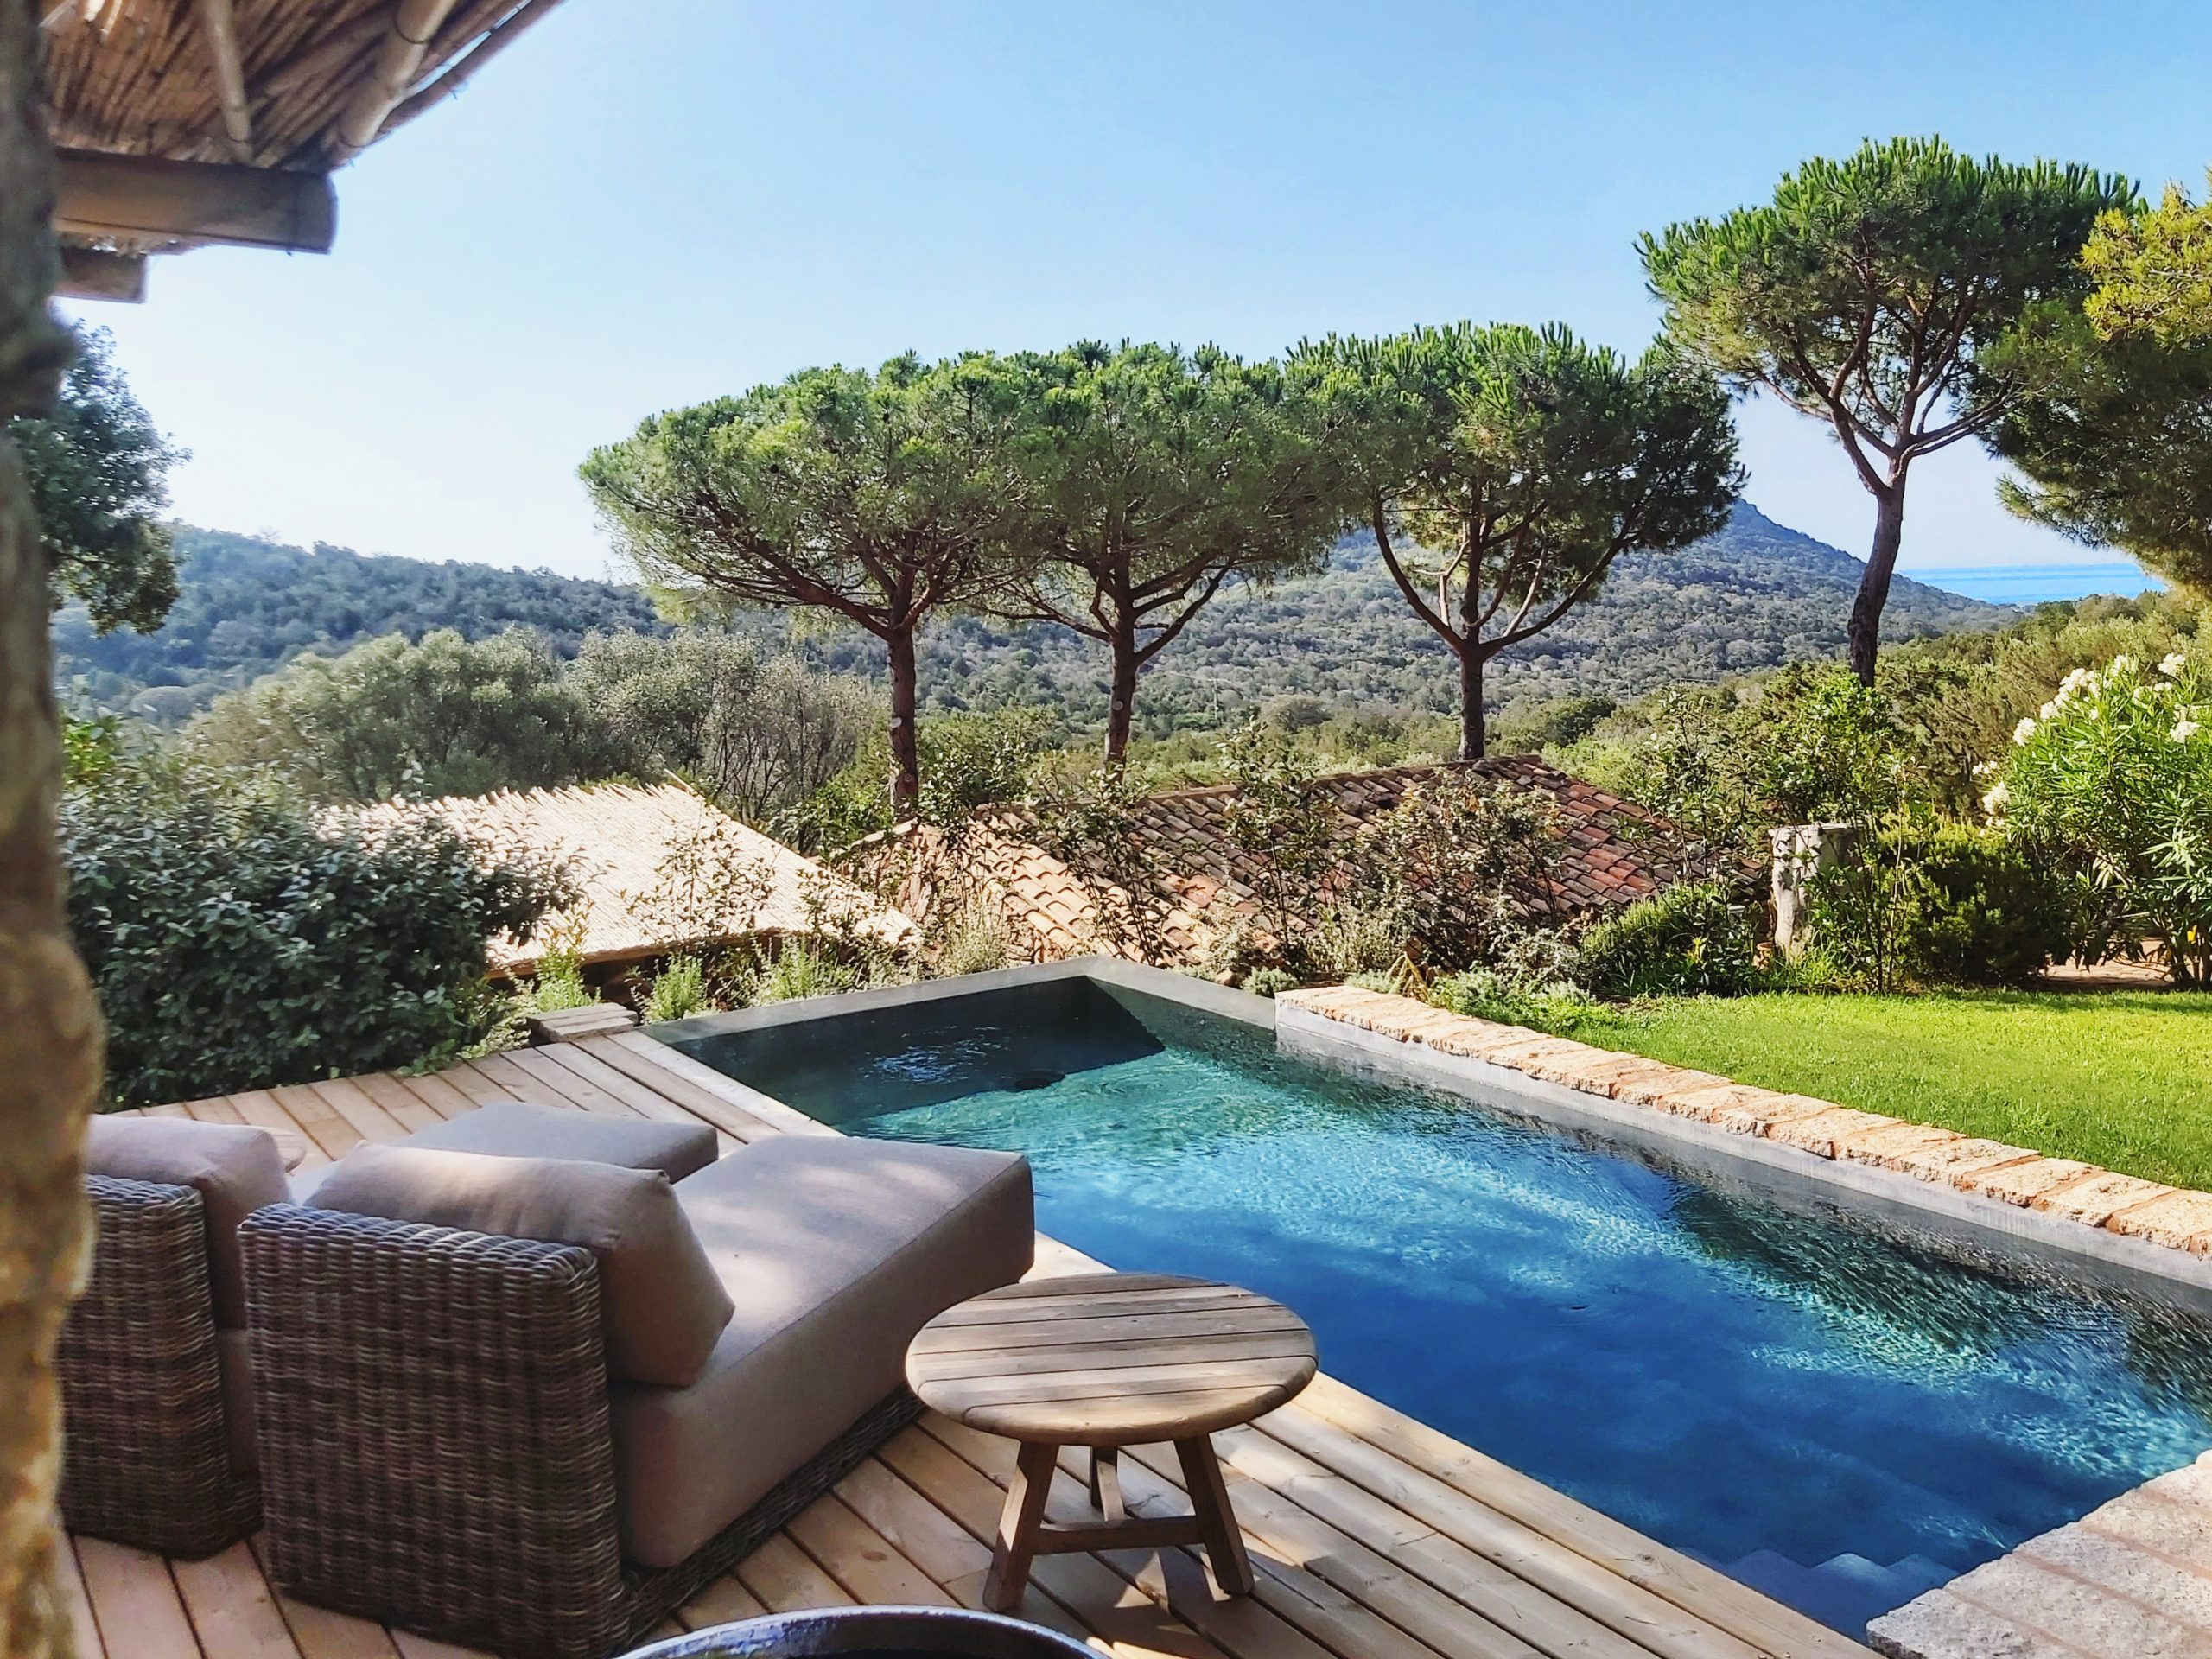 Suites Avec Piscine - 2 Personnes 50M2 - 2019 - Résidence ... avec Hotel Avec Piscine Privee Par Chambre